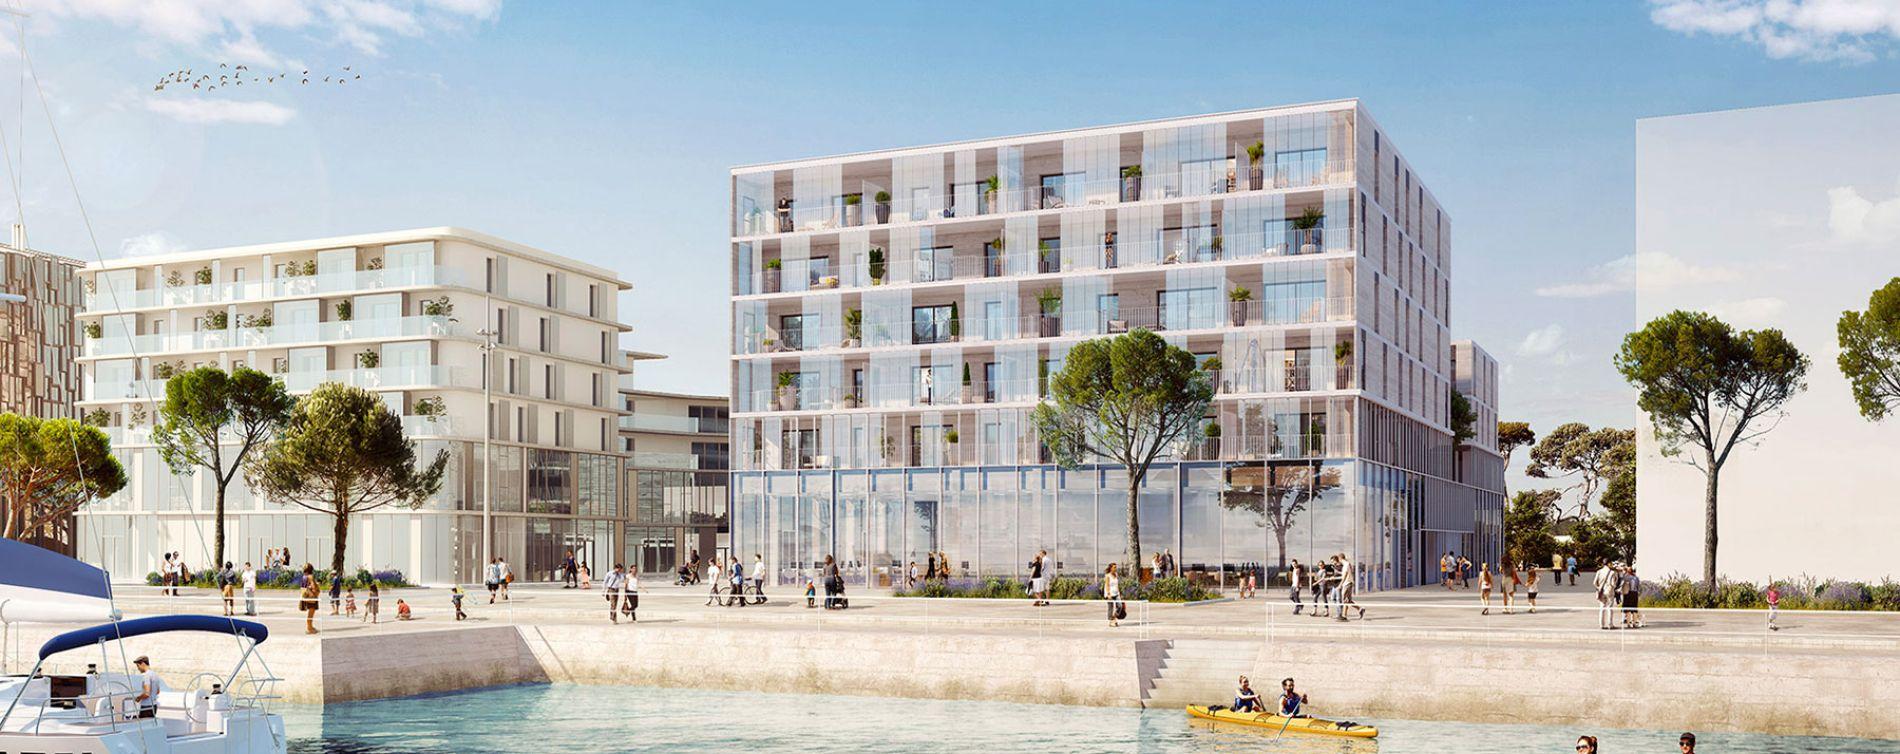 Résidence Quai Péristyle à Lorient